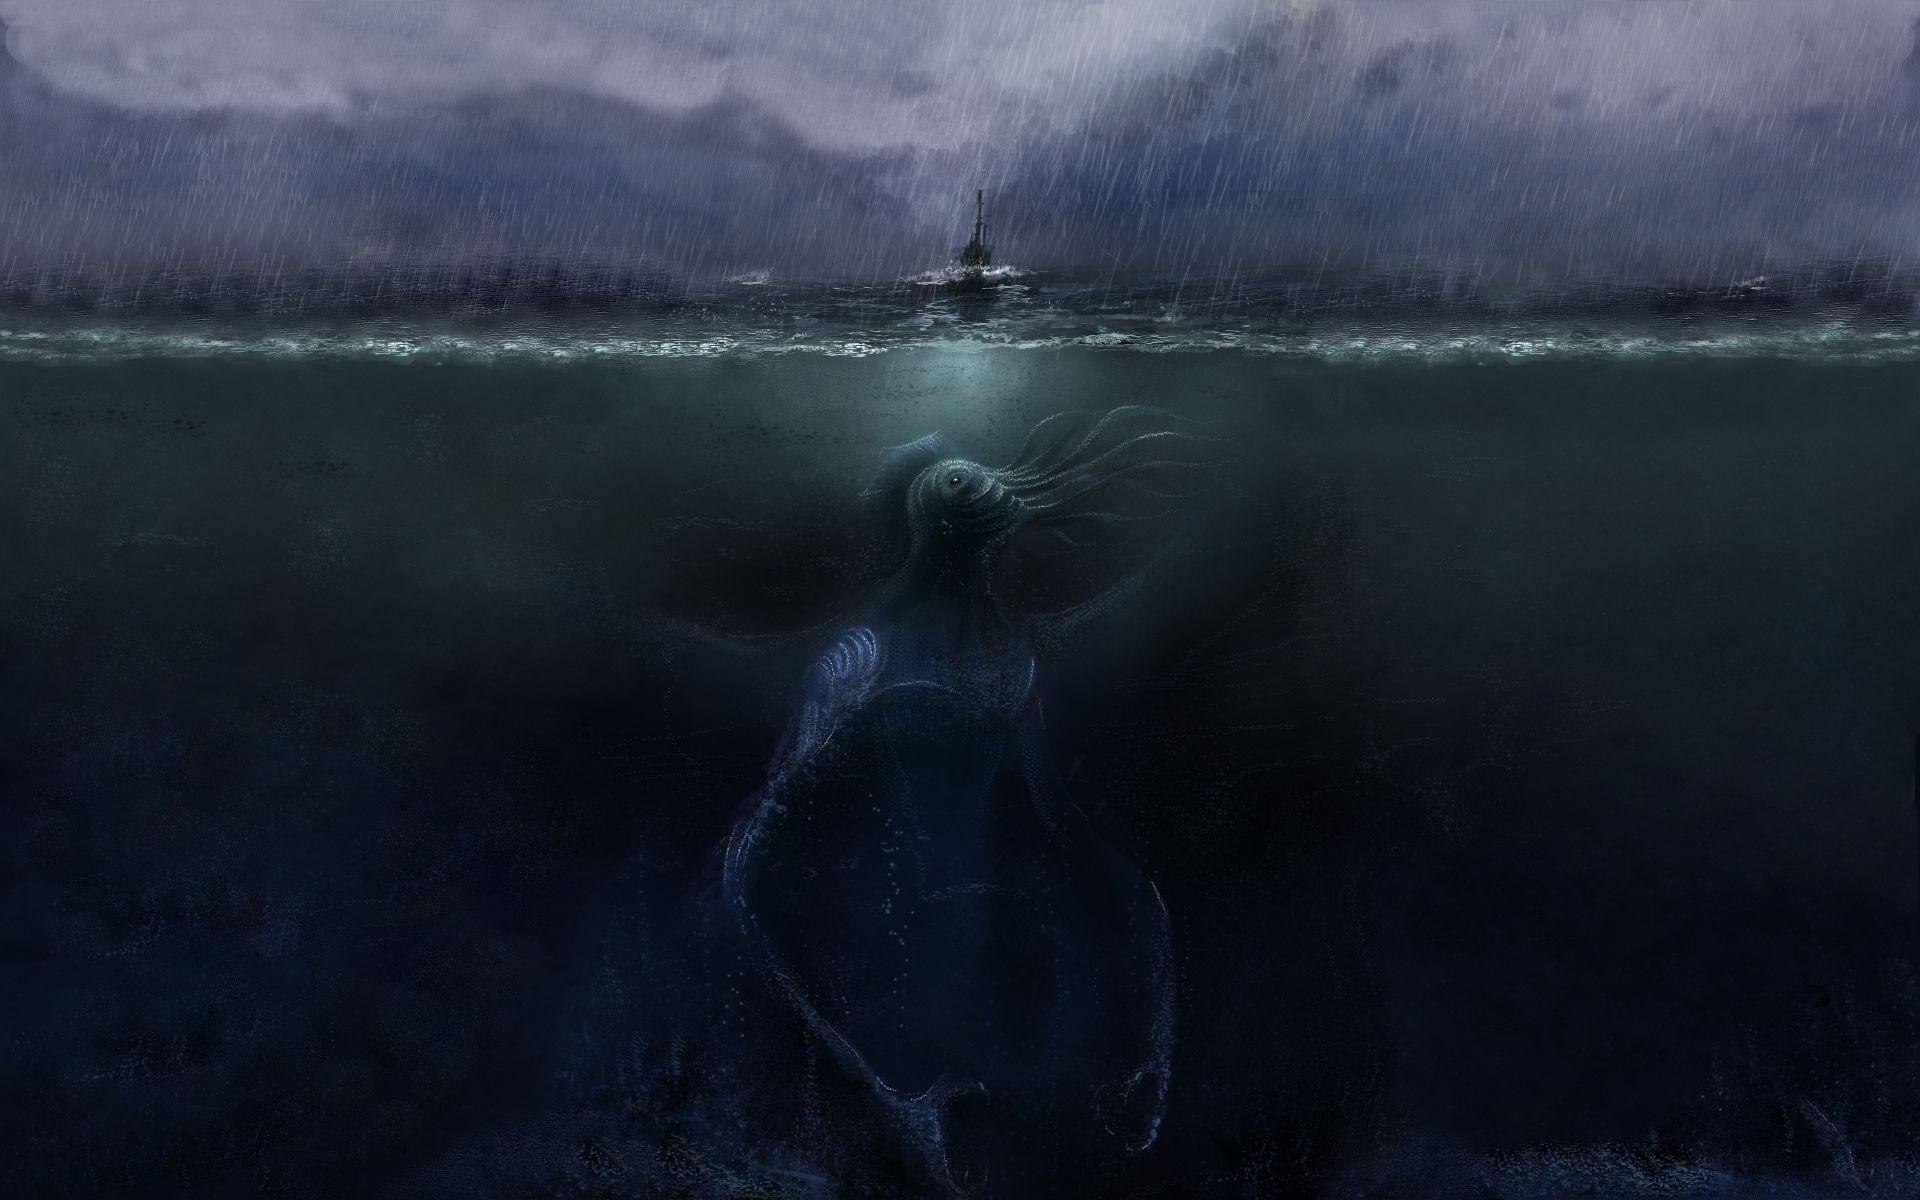 Pics and Wallpaper: Deep Sea Creature